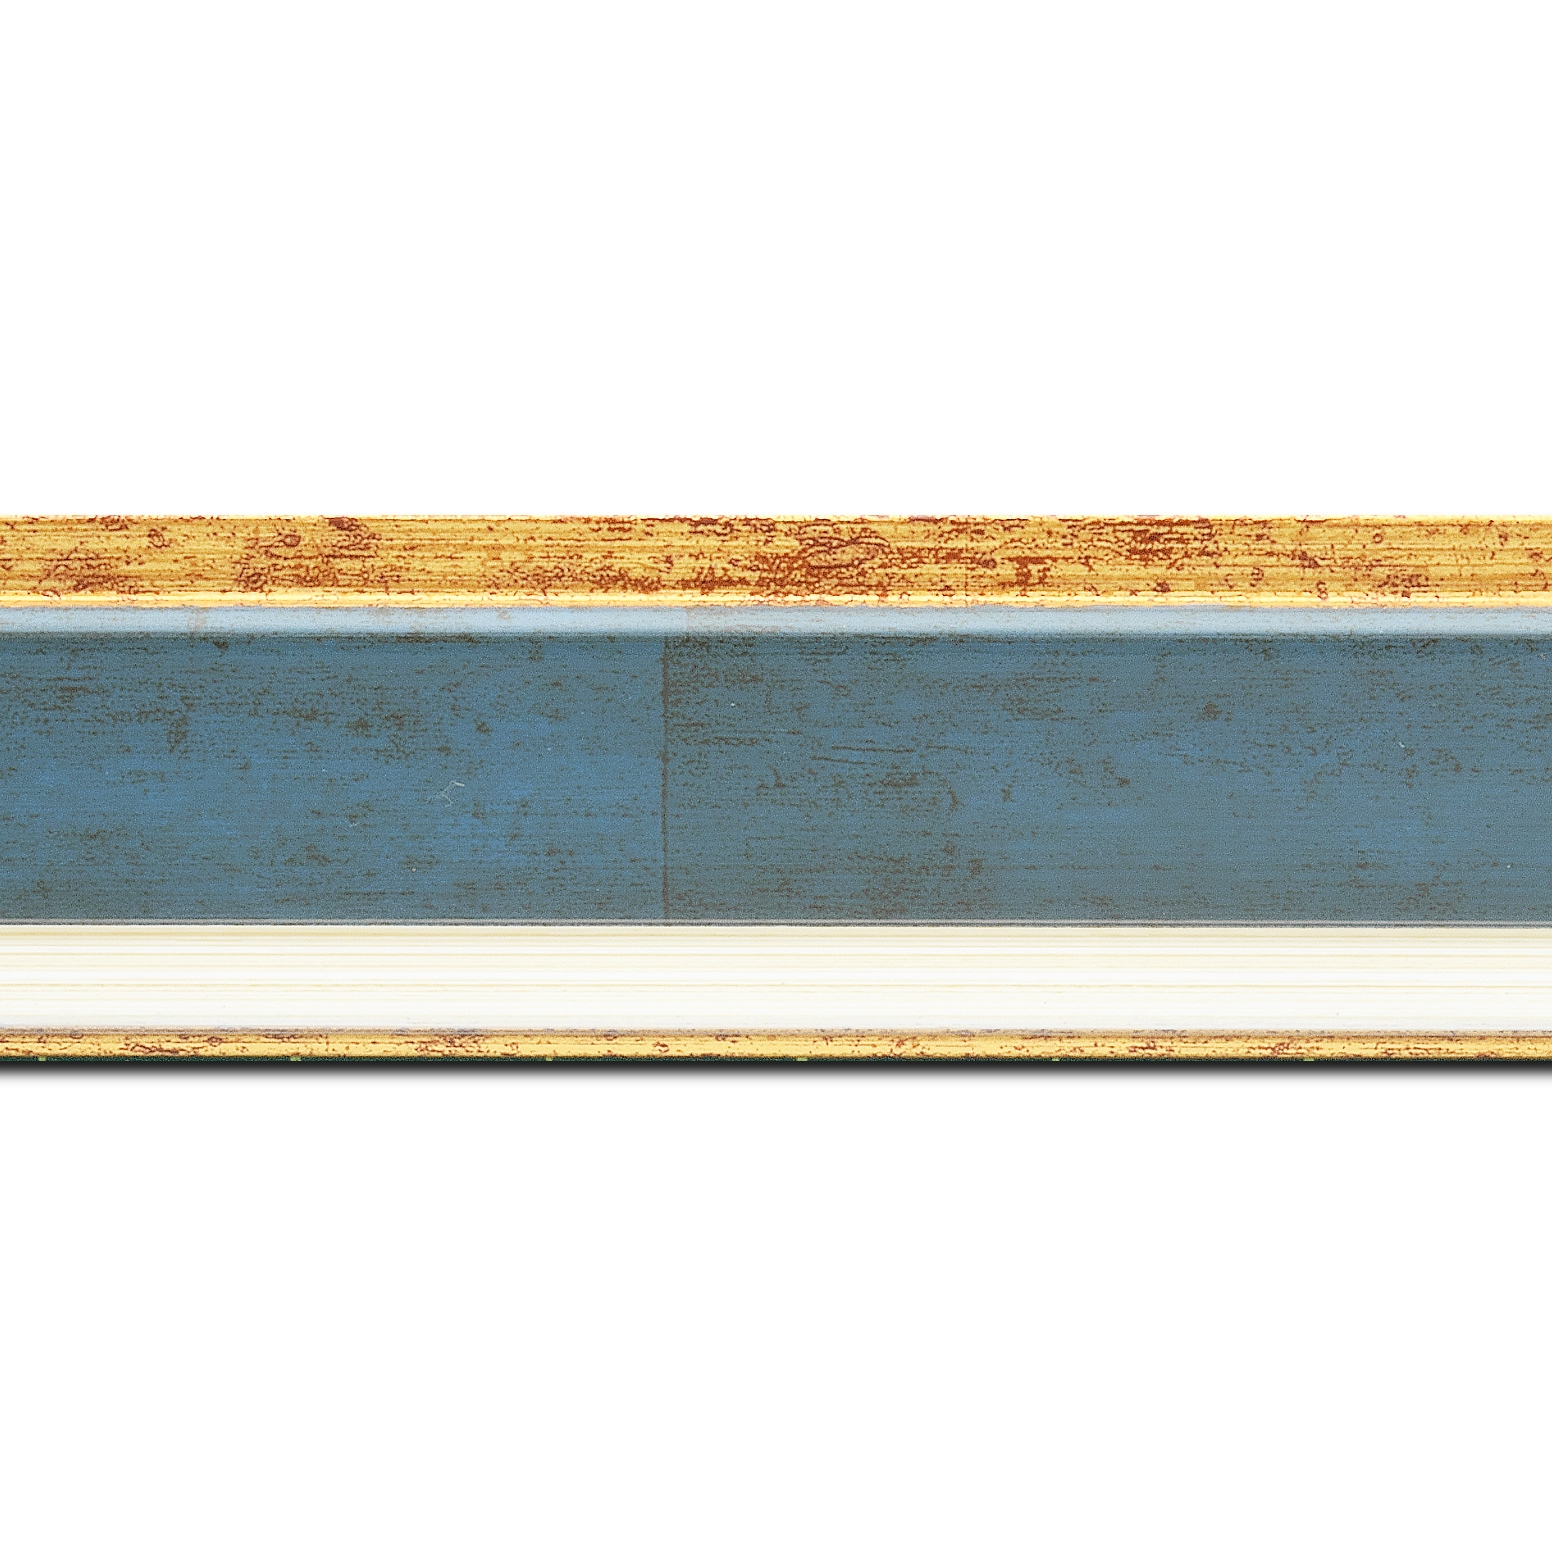 Baguette longueur 1.40m bois profil incliné largeur 5.4cm couleur bleu cobalt marie louise crème filet or intégrée